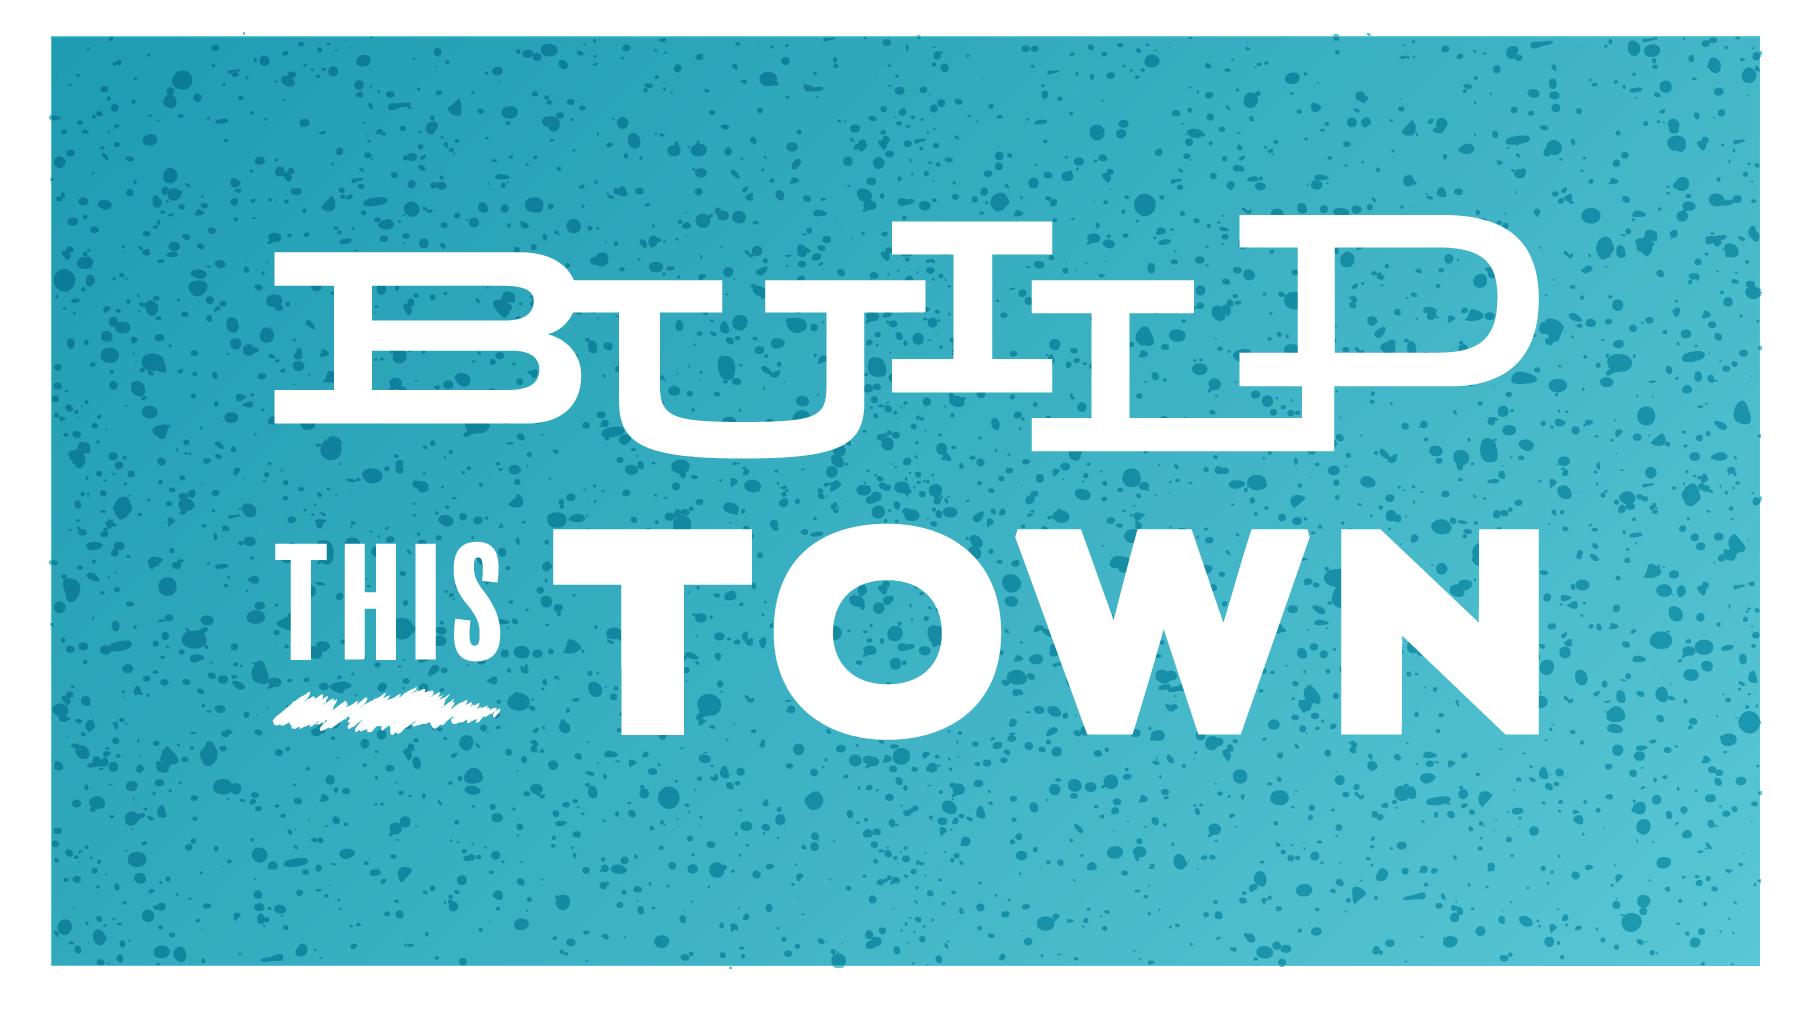 BuildThisTownHomebase_Large_Full_Logo_Transparent_BG copy 4.png